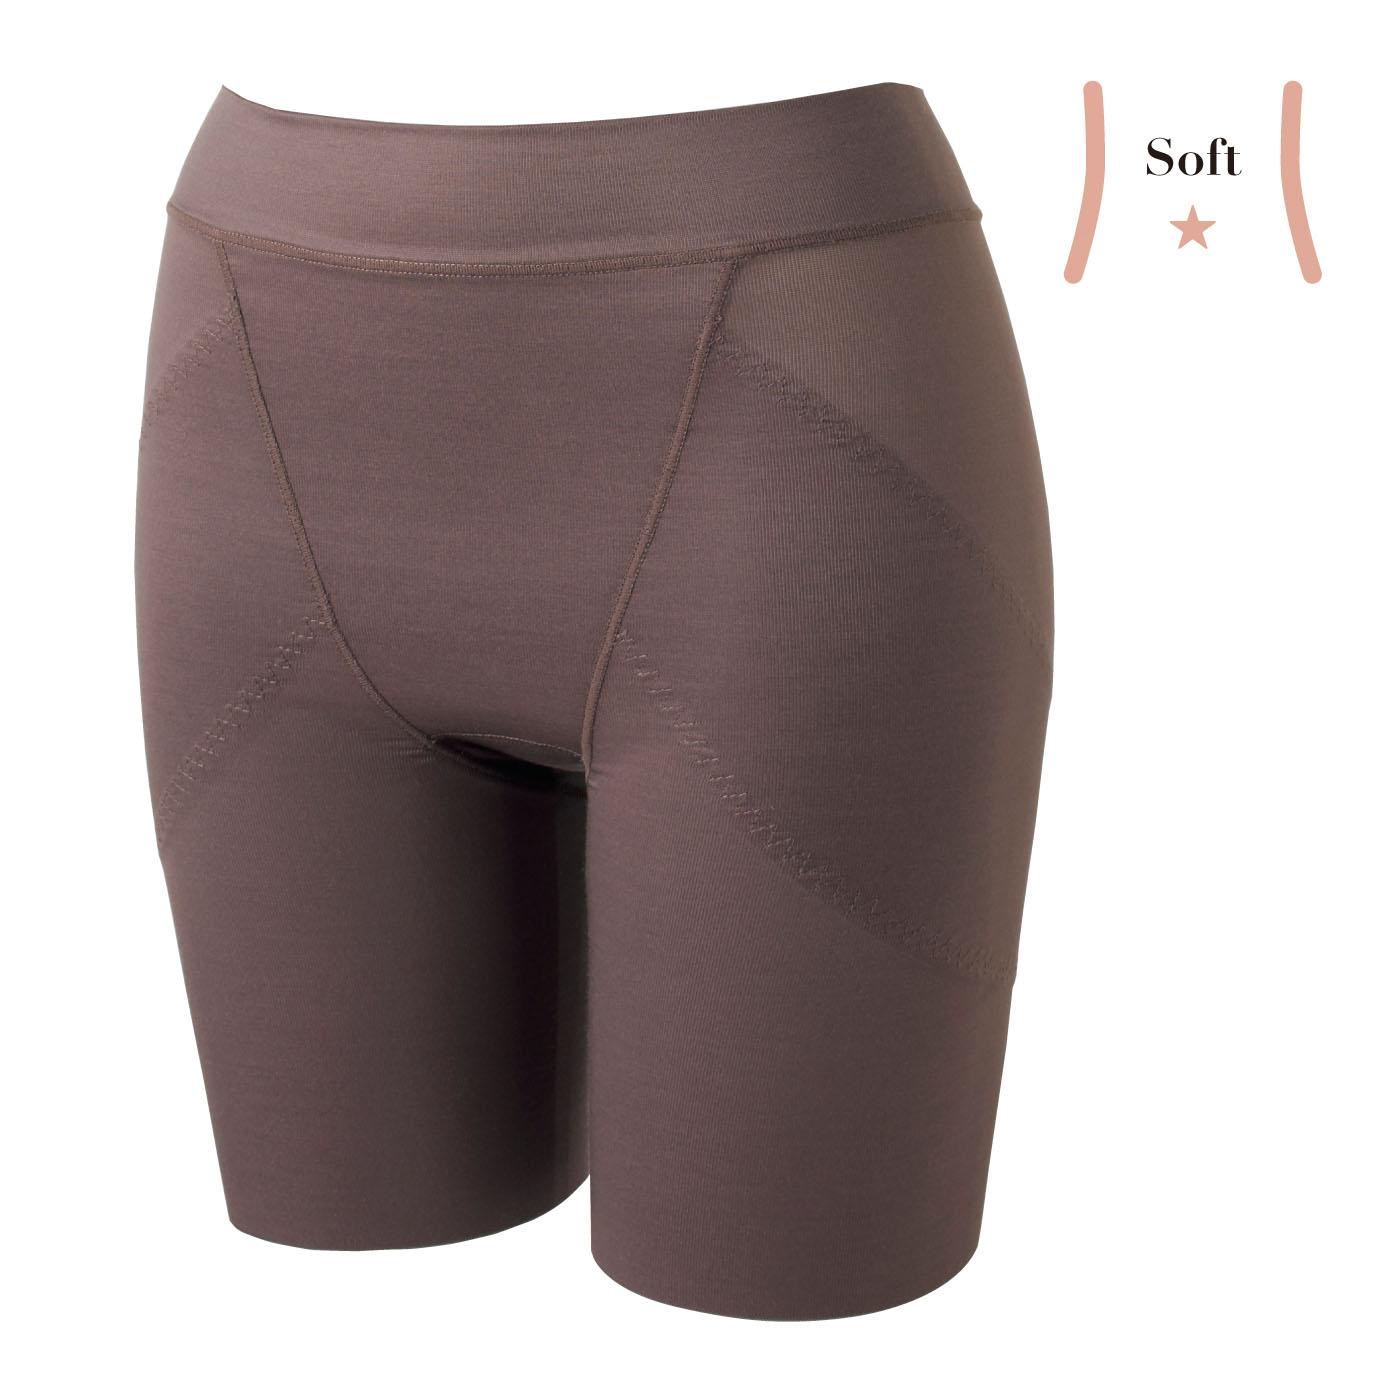 【正面】肌側は綿素材で、ショーツ気分のやさしいはき心地。ウエスト部分はくるみ込んだ仕様で、くい込みを軽減。〈ブラウン〉